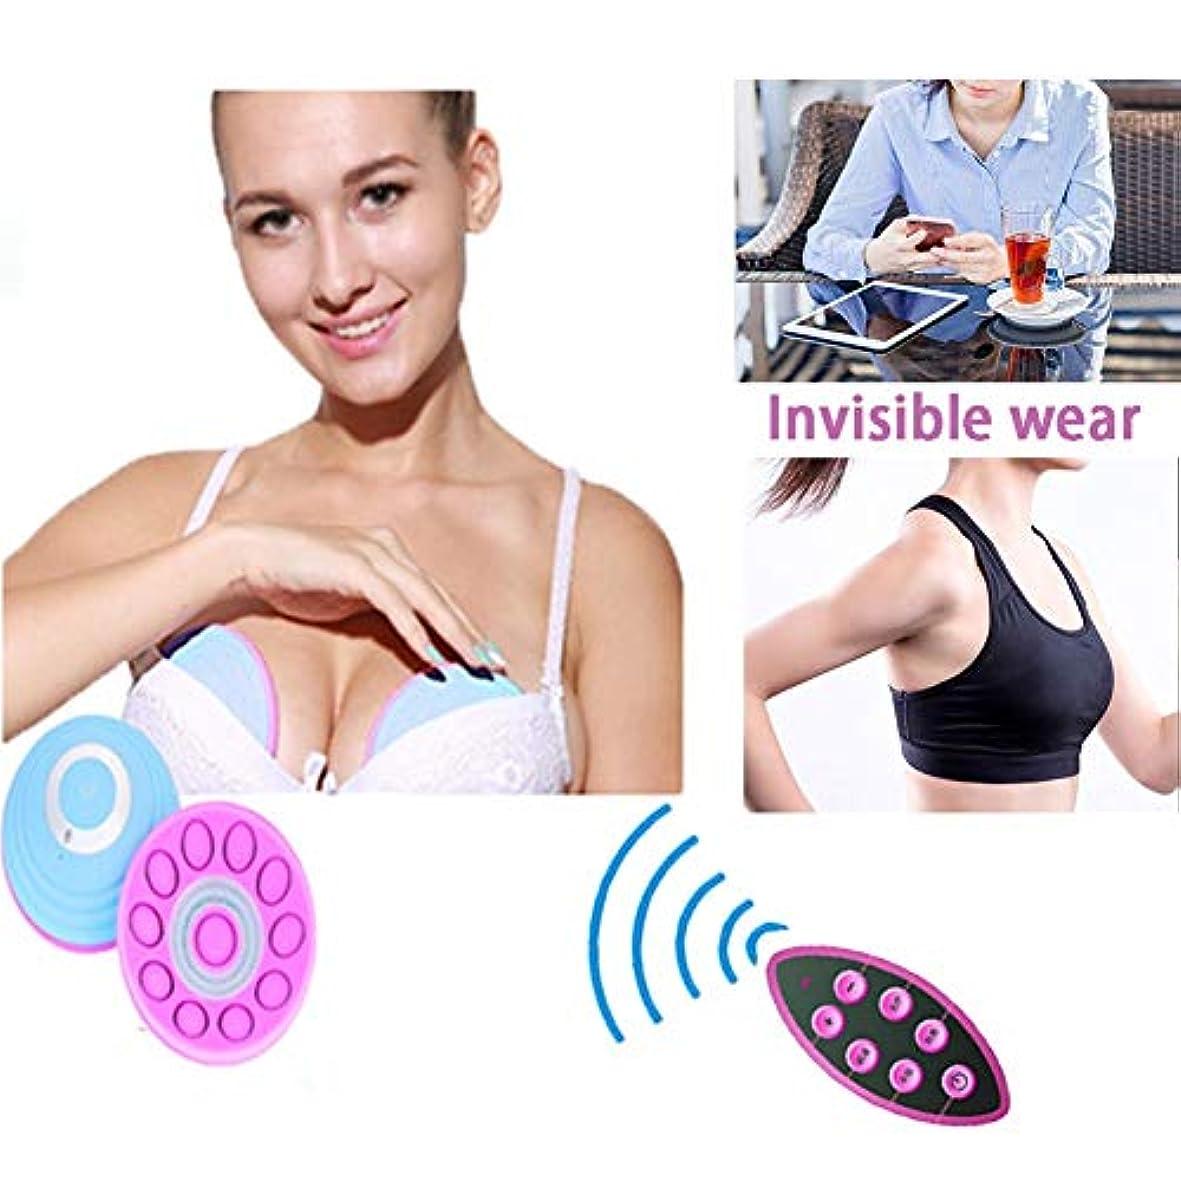 広範囲に奨励どこか電動胸部マッサージ器、胸マッサージャ 胸 胸部 乳房 カップ マッサージ 寄せ上げ 豊胸 美胸 美乳 電動 振動 胸部拡大乳房マッサージャーAからD